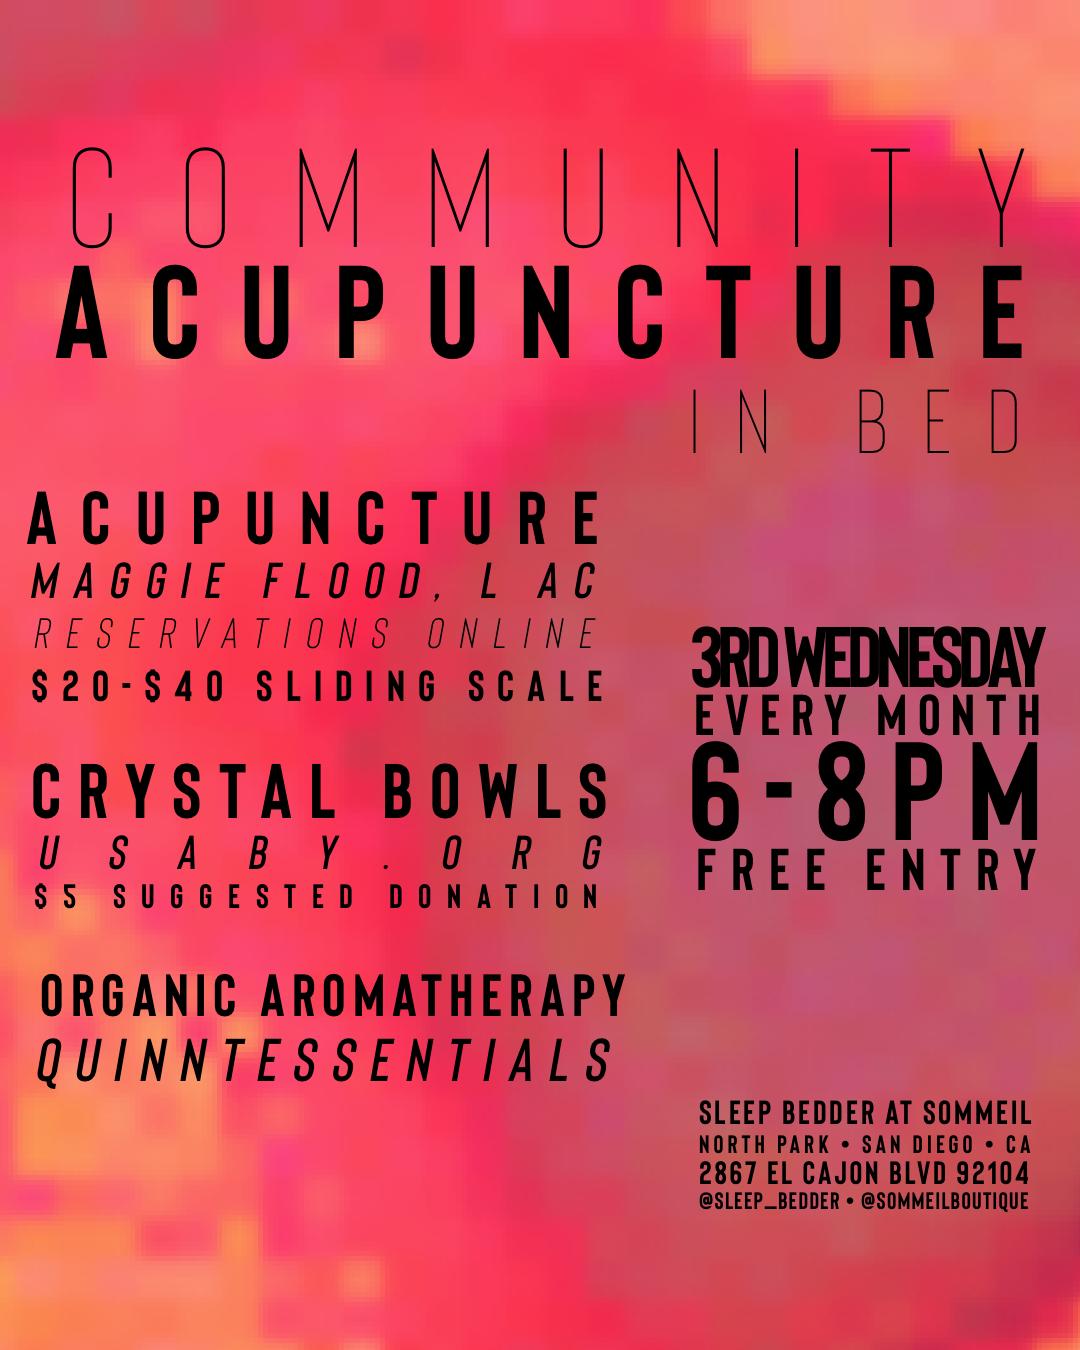 Community Acupuncture